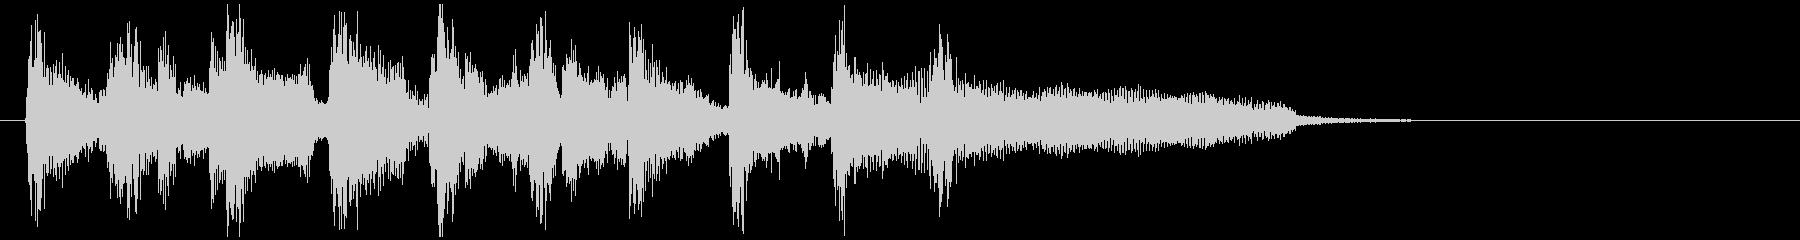 サンバ系フュージョン、サックスのジングルの未再生の波形